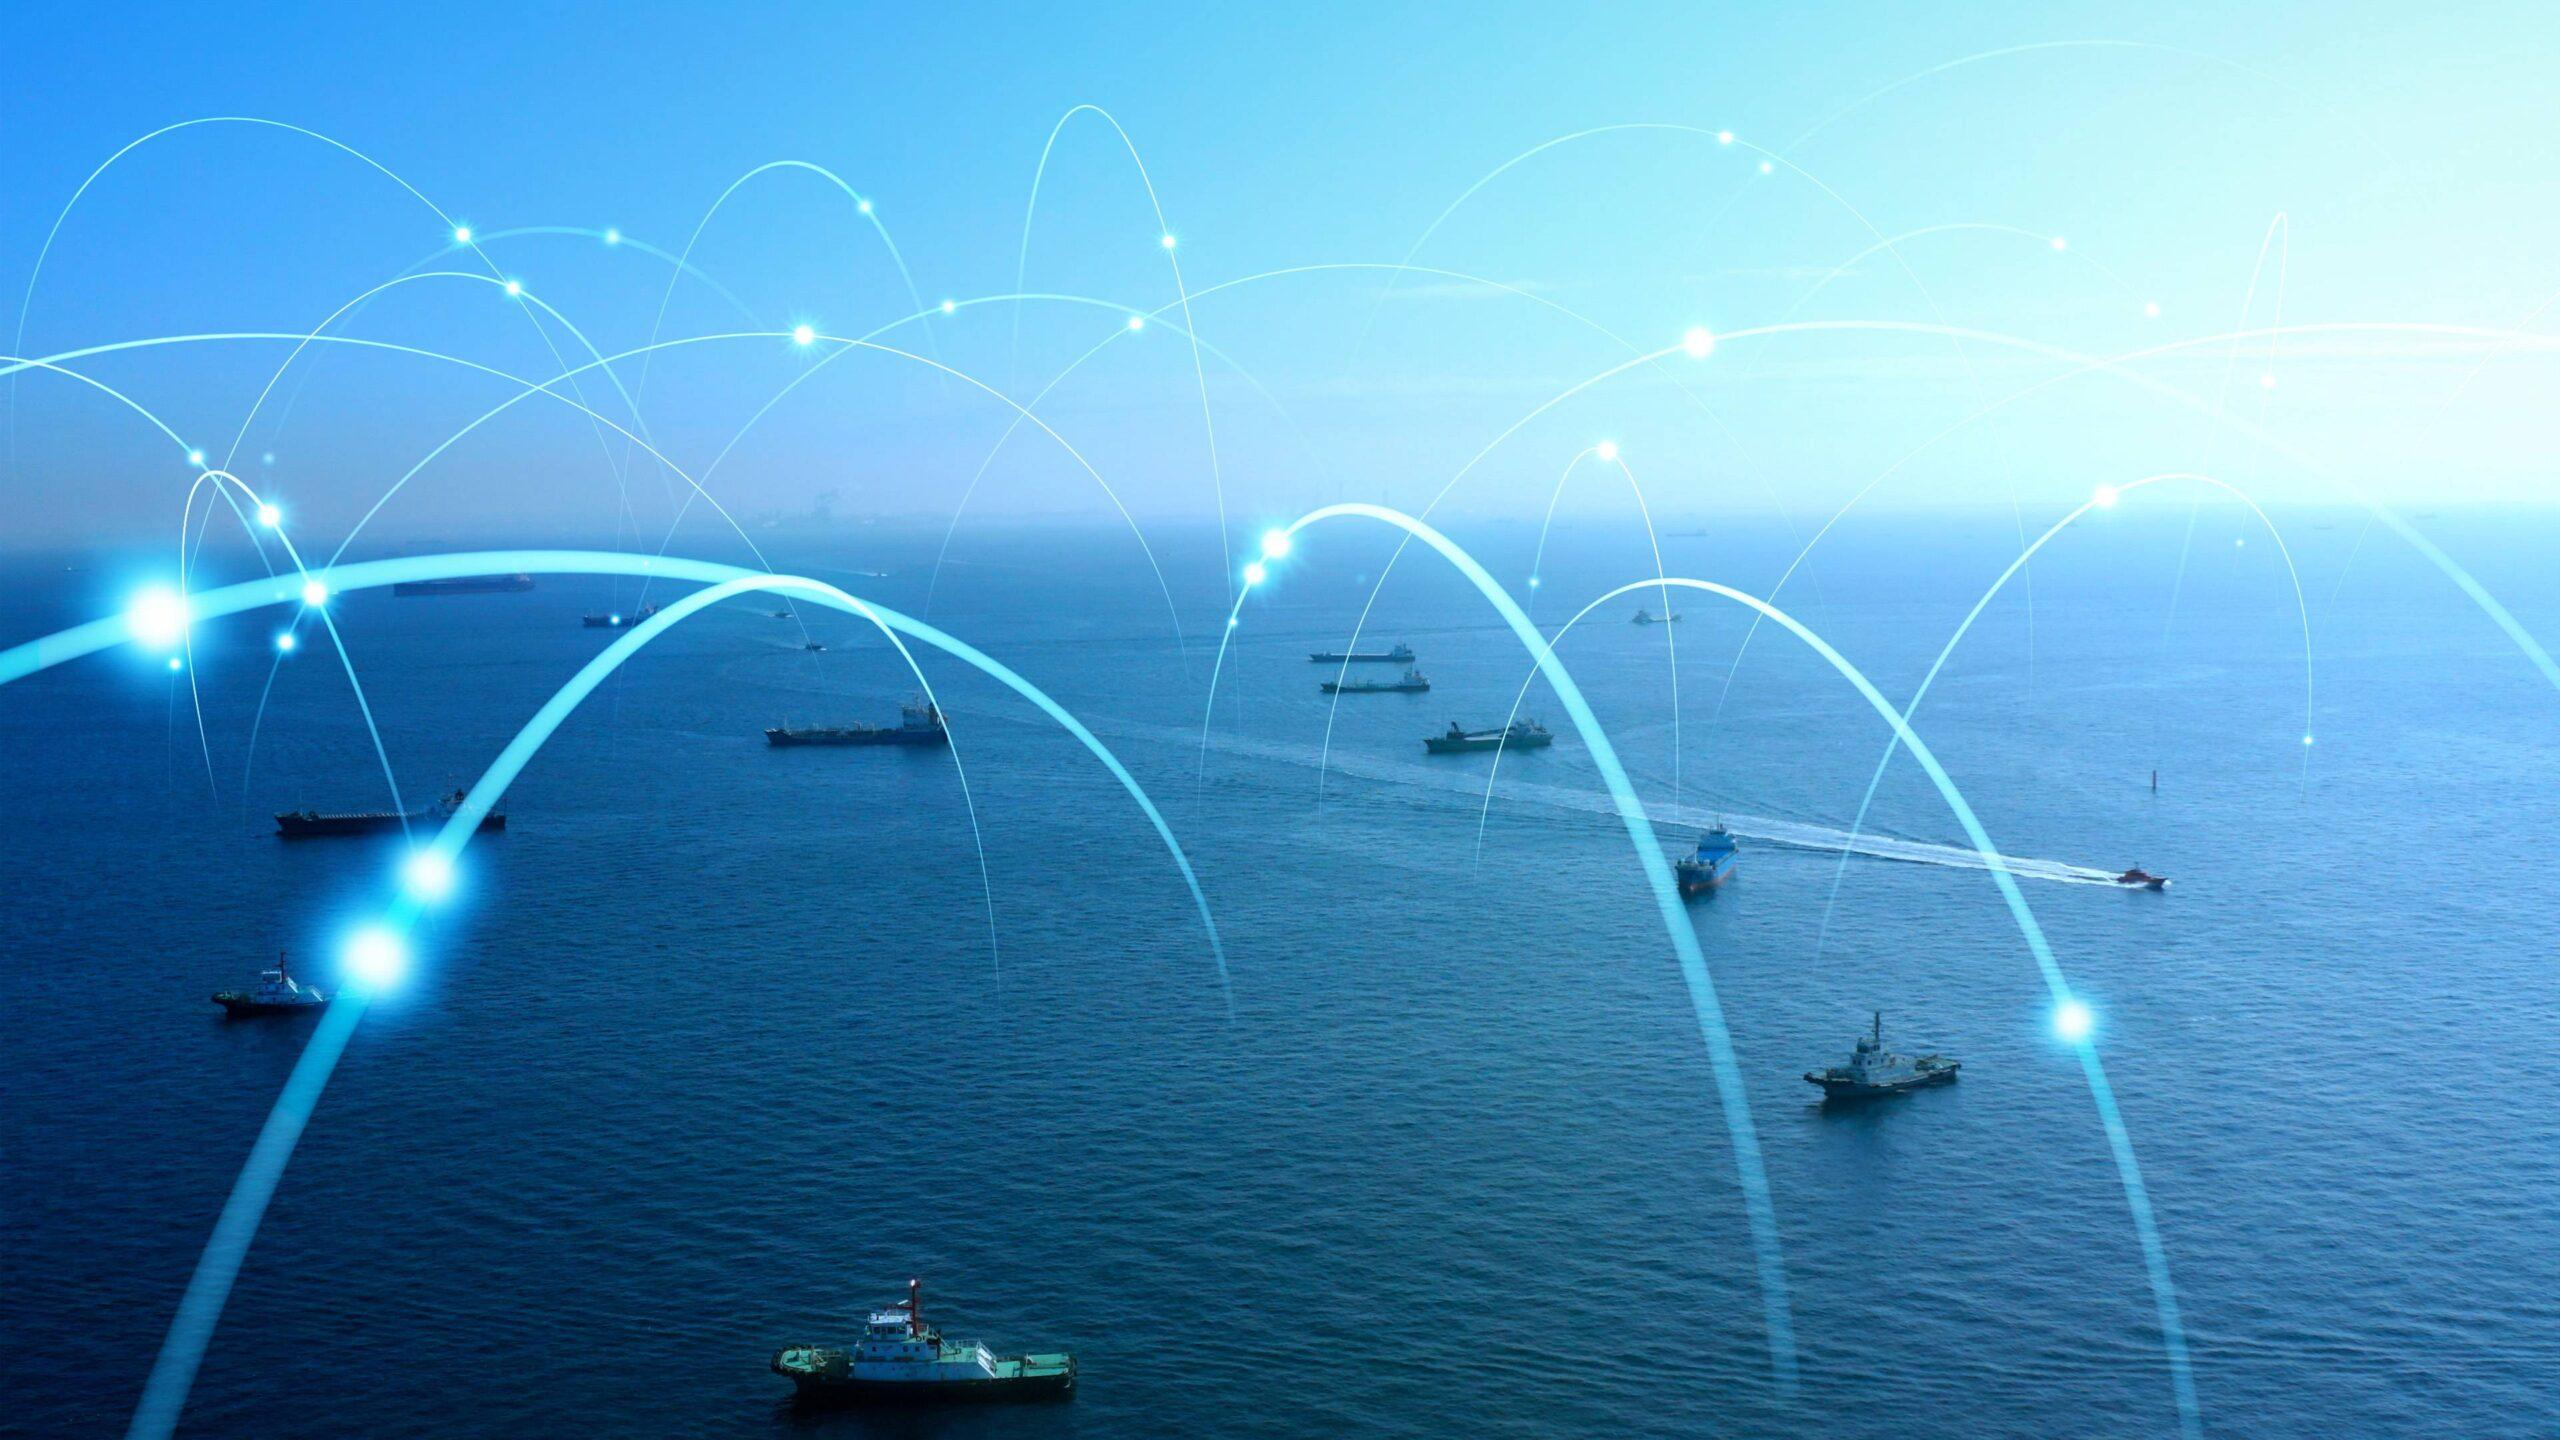 Виртуализация рынка морских перевозок